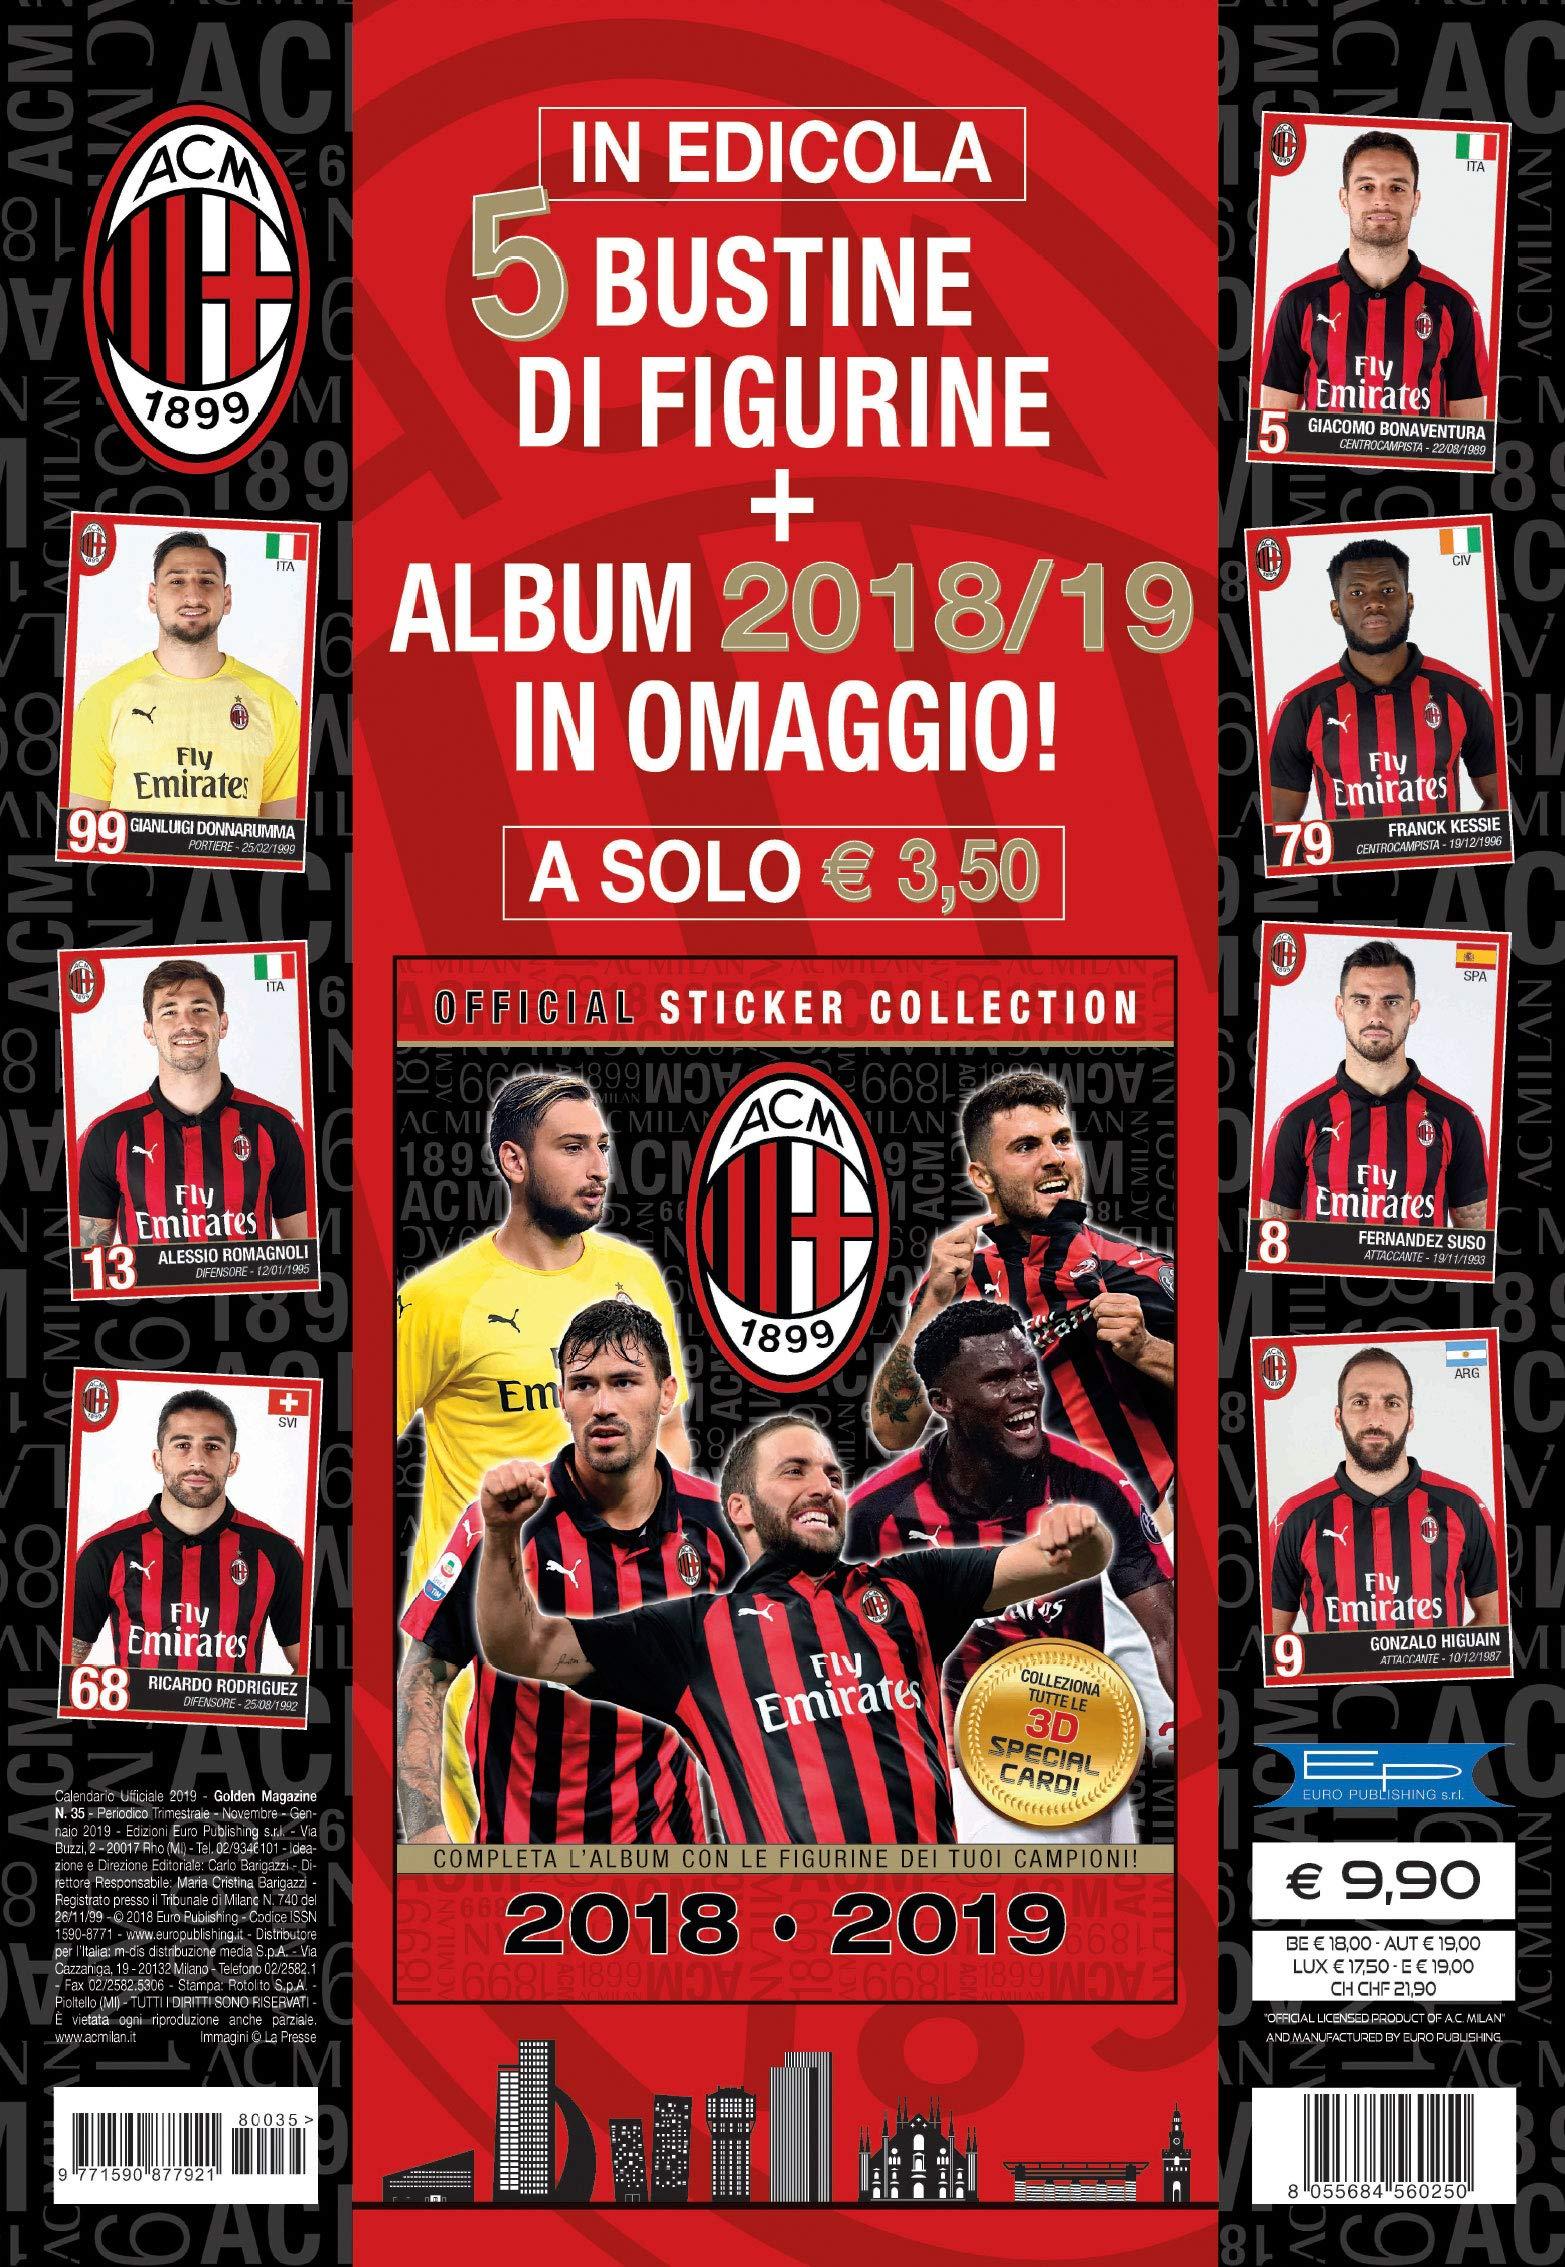 Calendario Ac Milan.Euro Publishing Calendario Milan 2019 Ufficiale 29 X 42 Cm